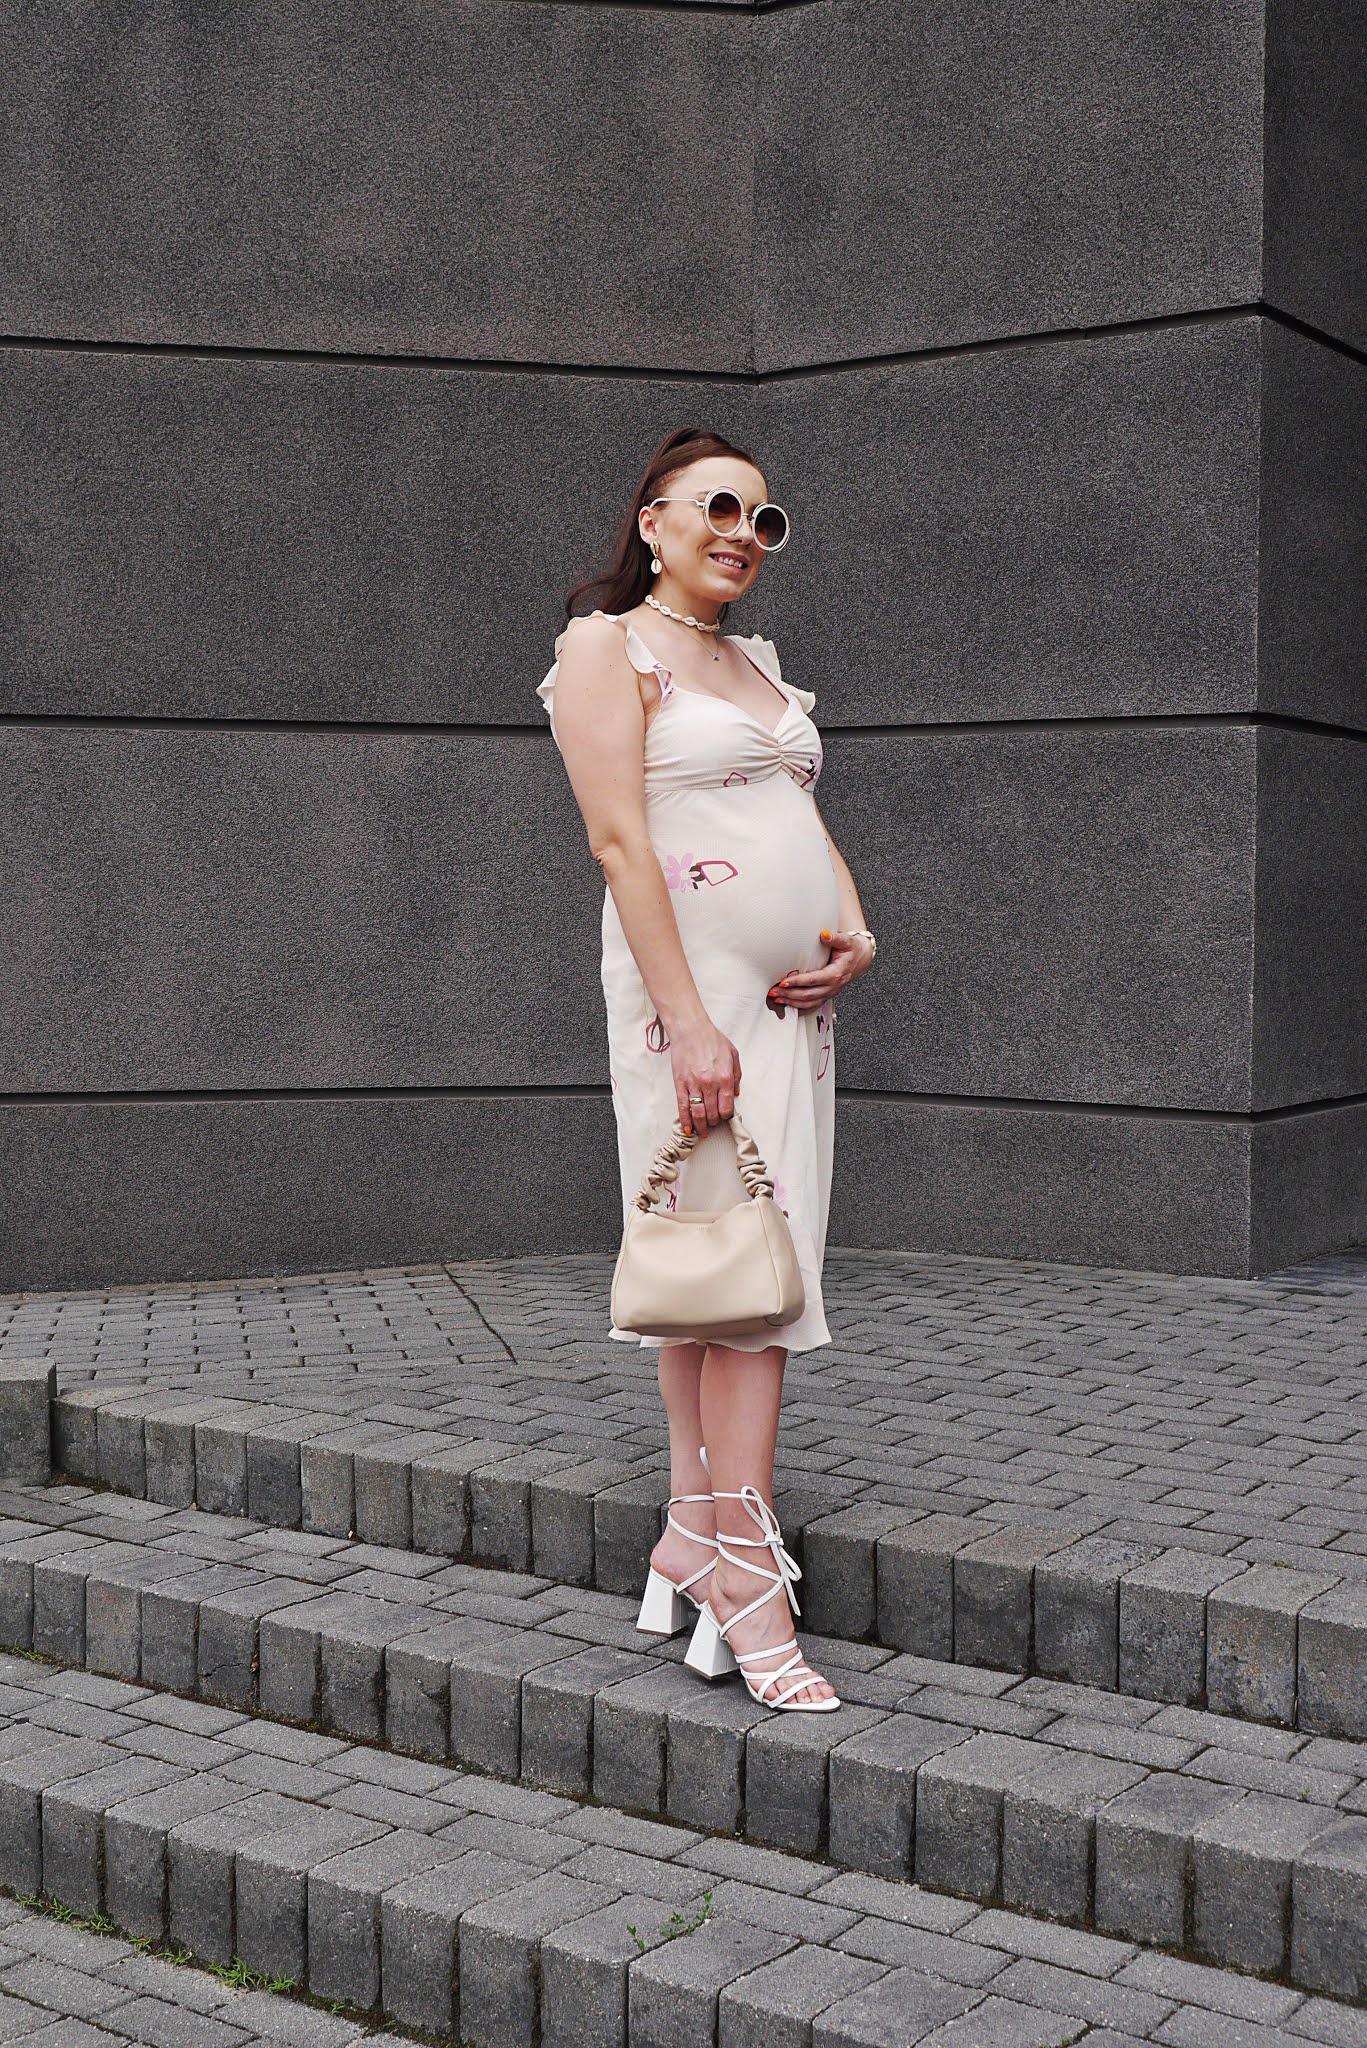 blog modowy blogerka modowa karyn puławy stylizacja ciążowa jak ubrać się w ciąży sukienka w stylu retro w sh tanie ubranie w ciąży gdzie szukać ubrań ciążowych beżowa torebka ccc białe sandałki wiązane na słupku bonprix